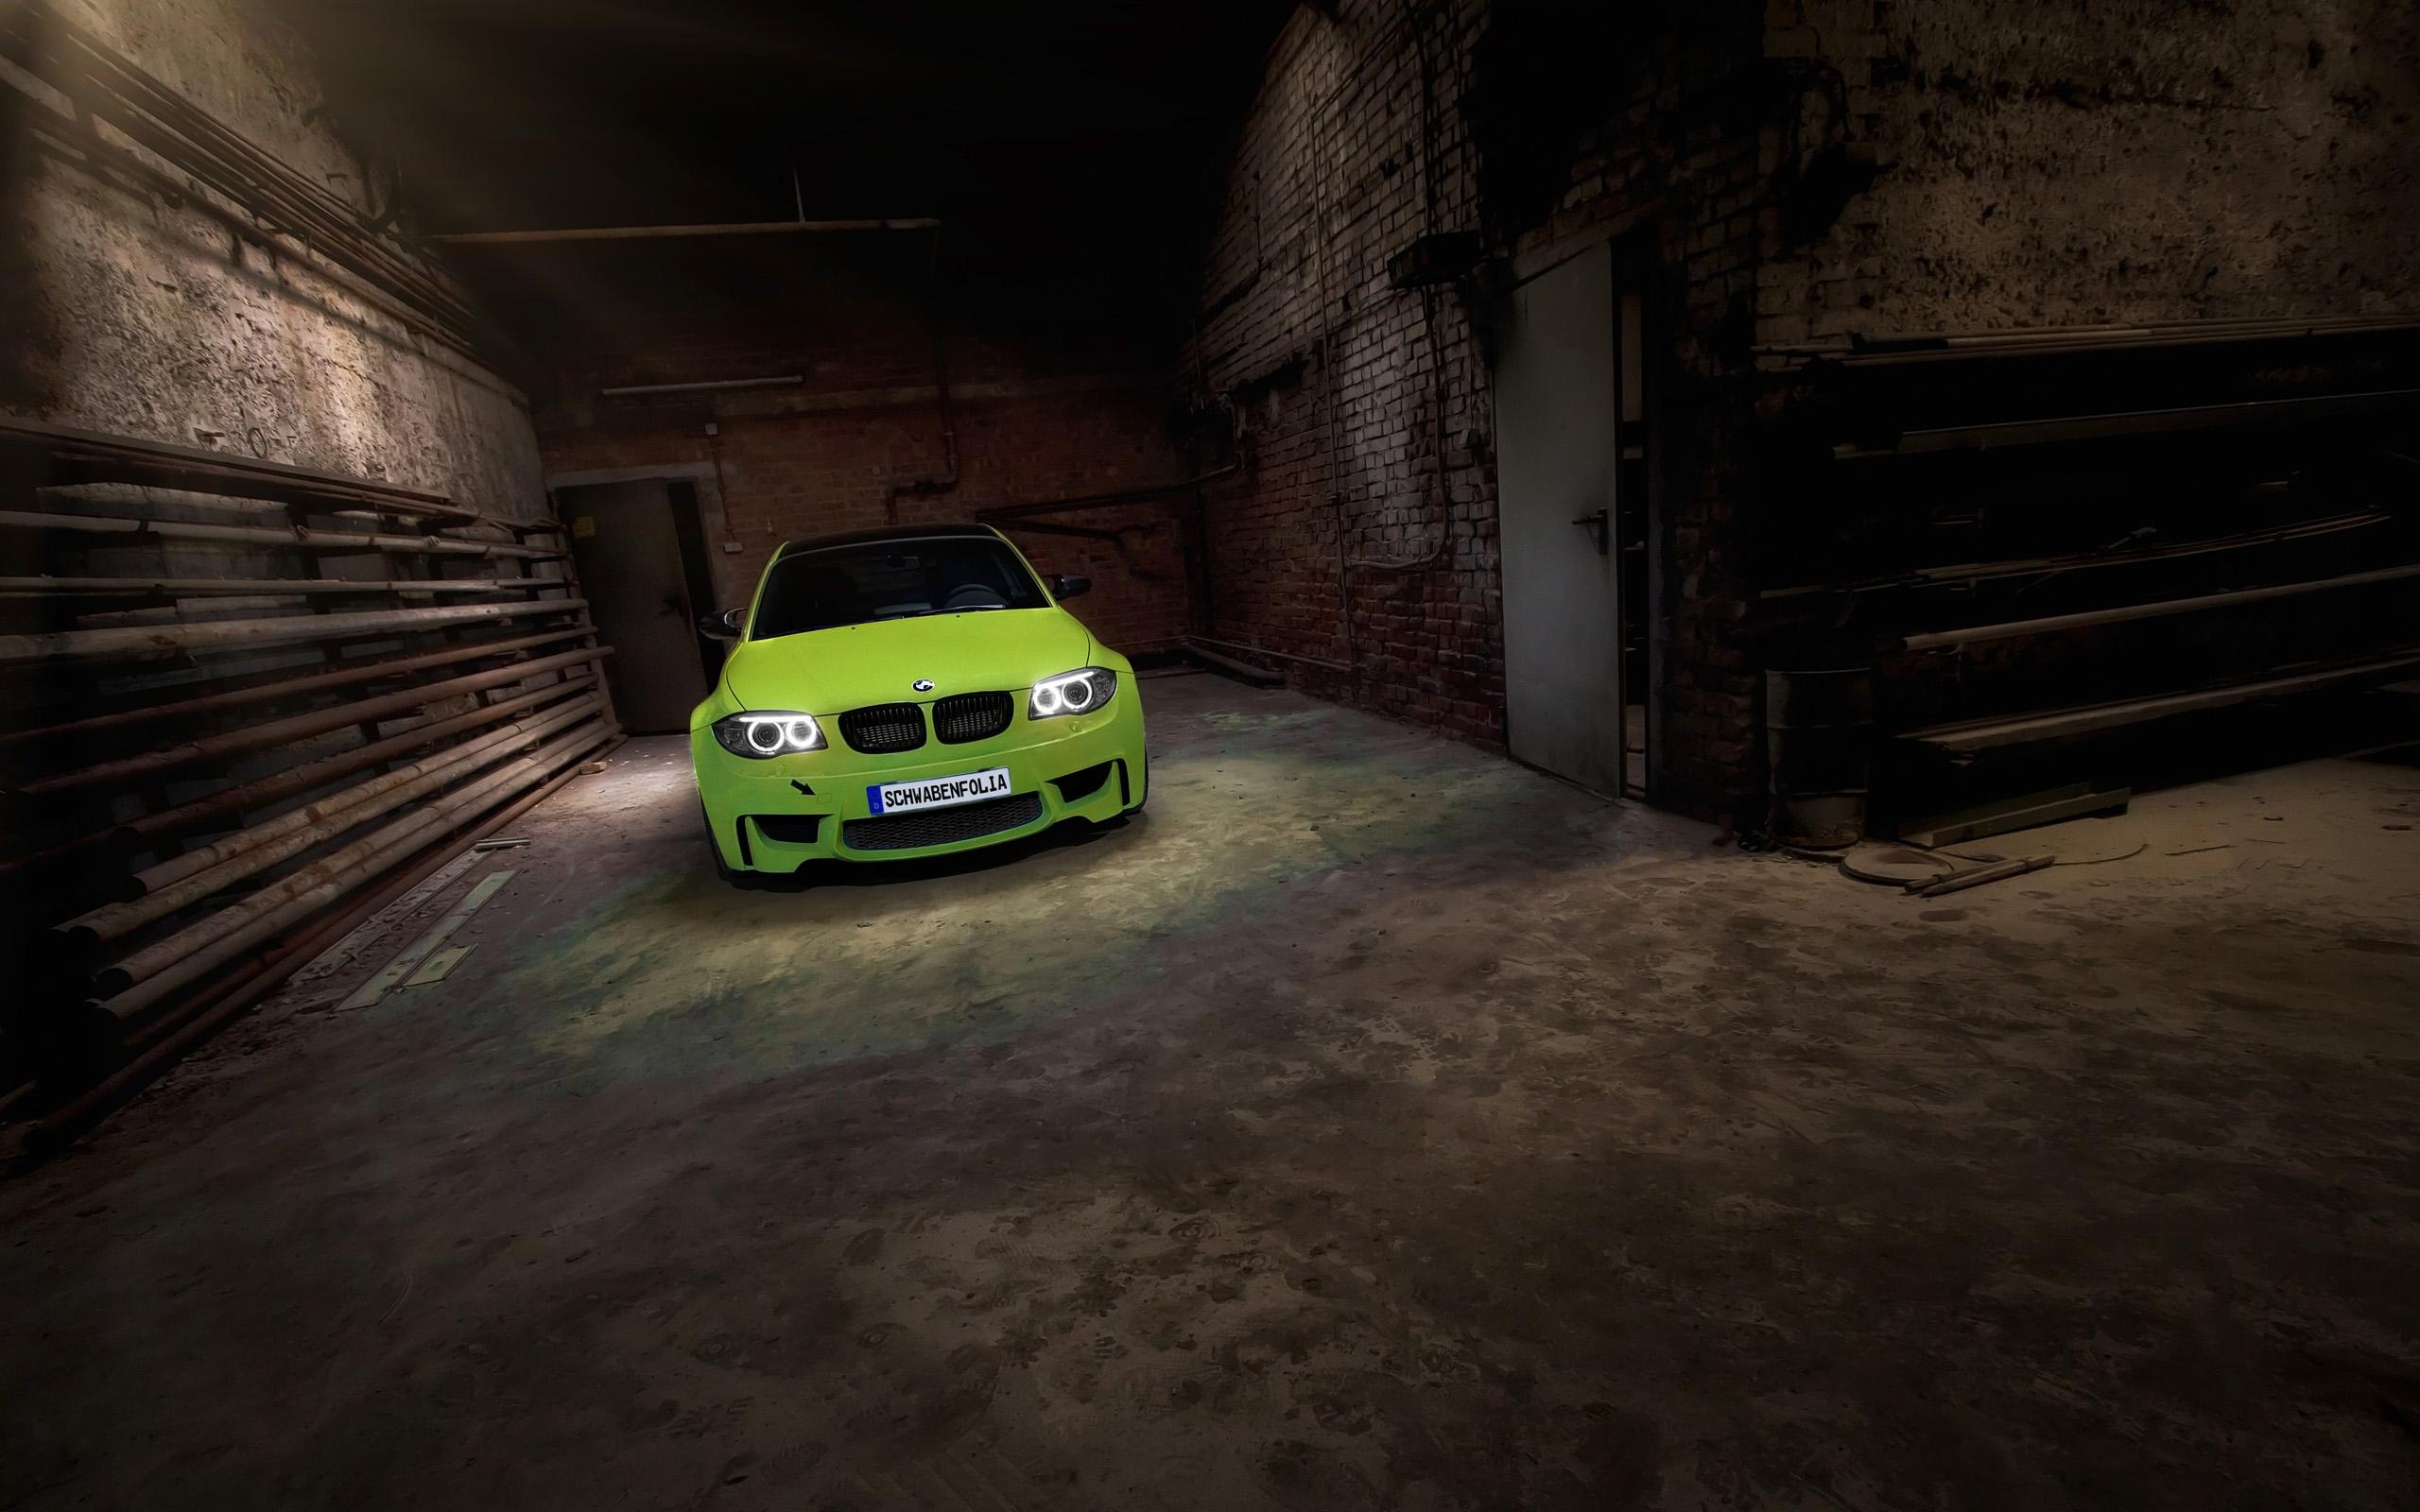 Bmw 1 Series M Coupe By Schwabenfolia Wallpaper Hd Car